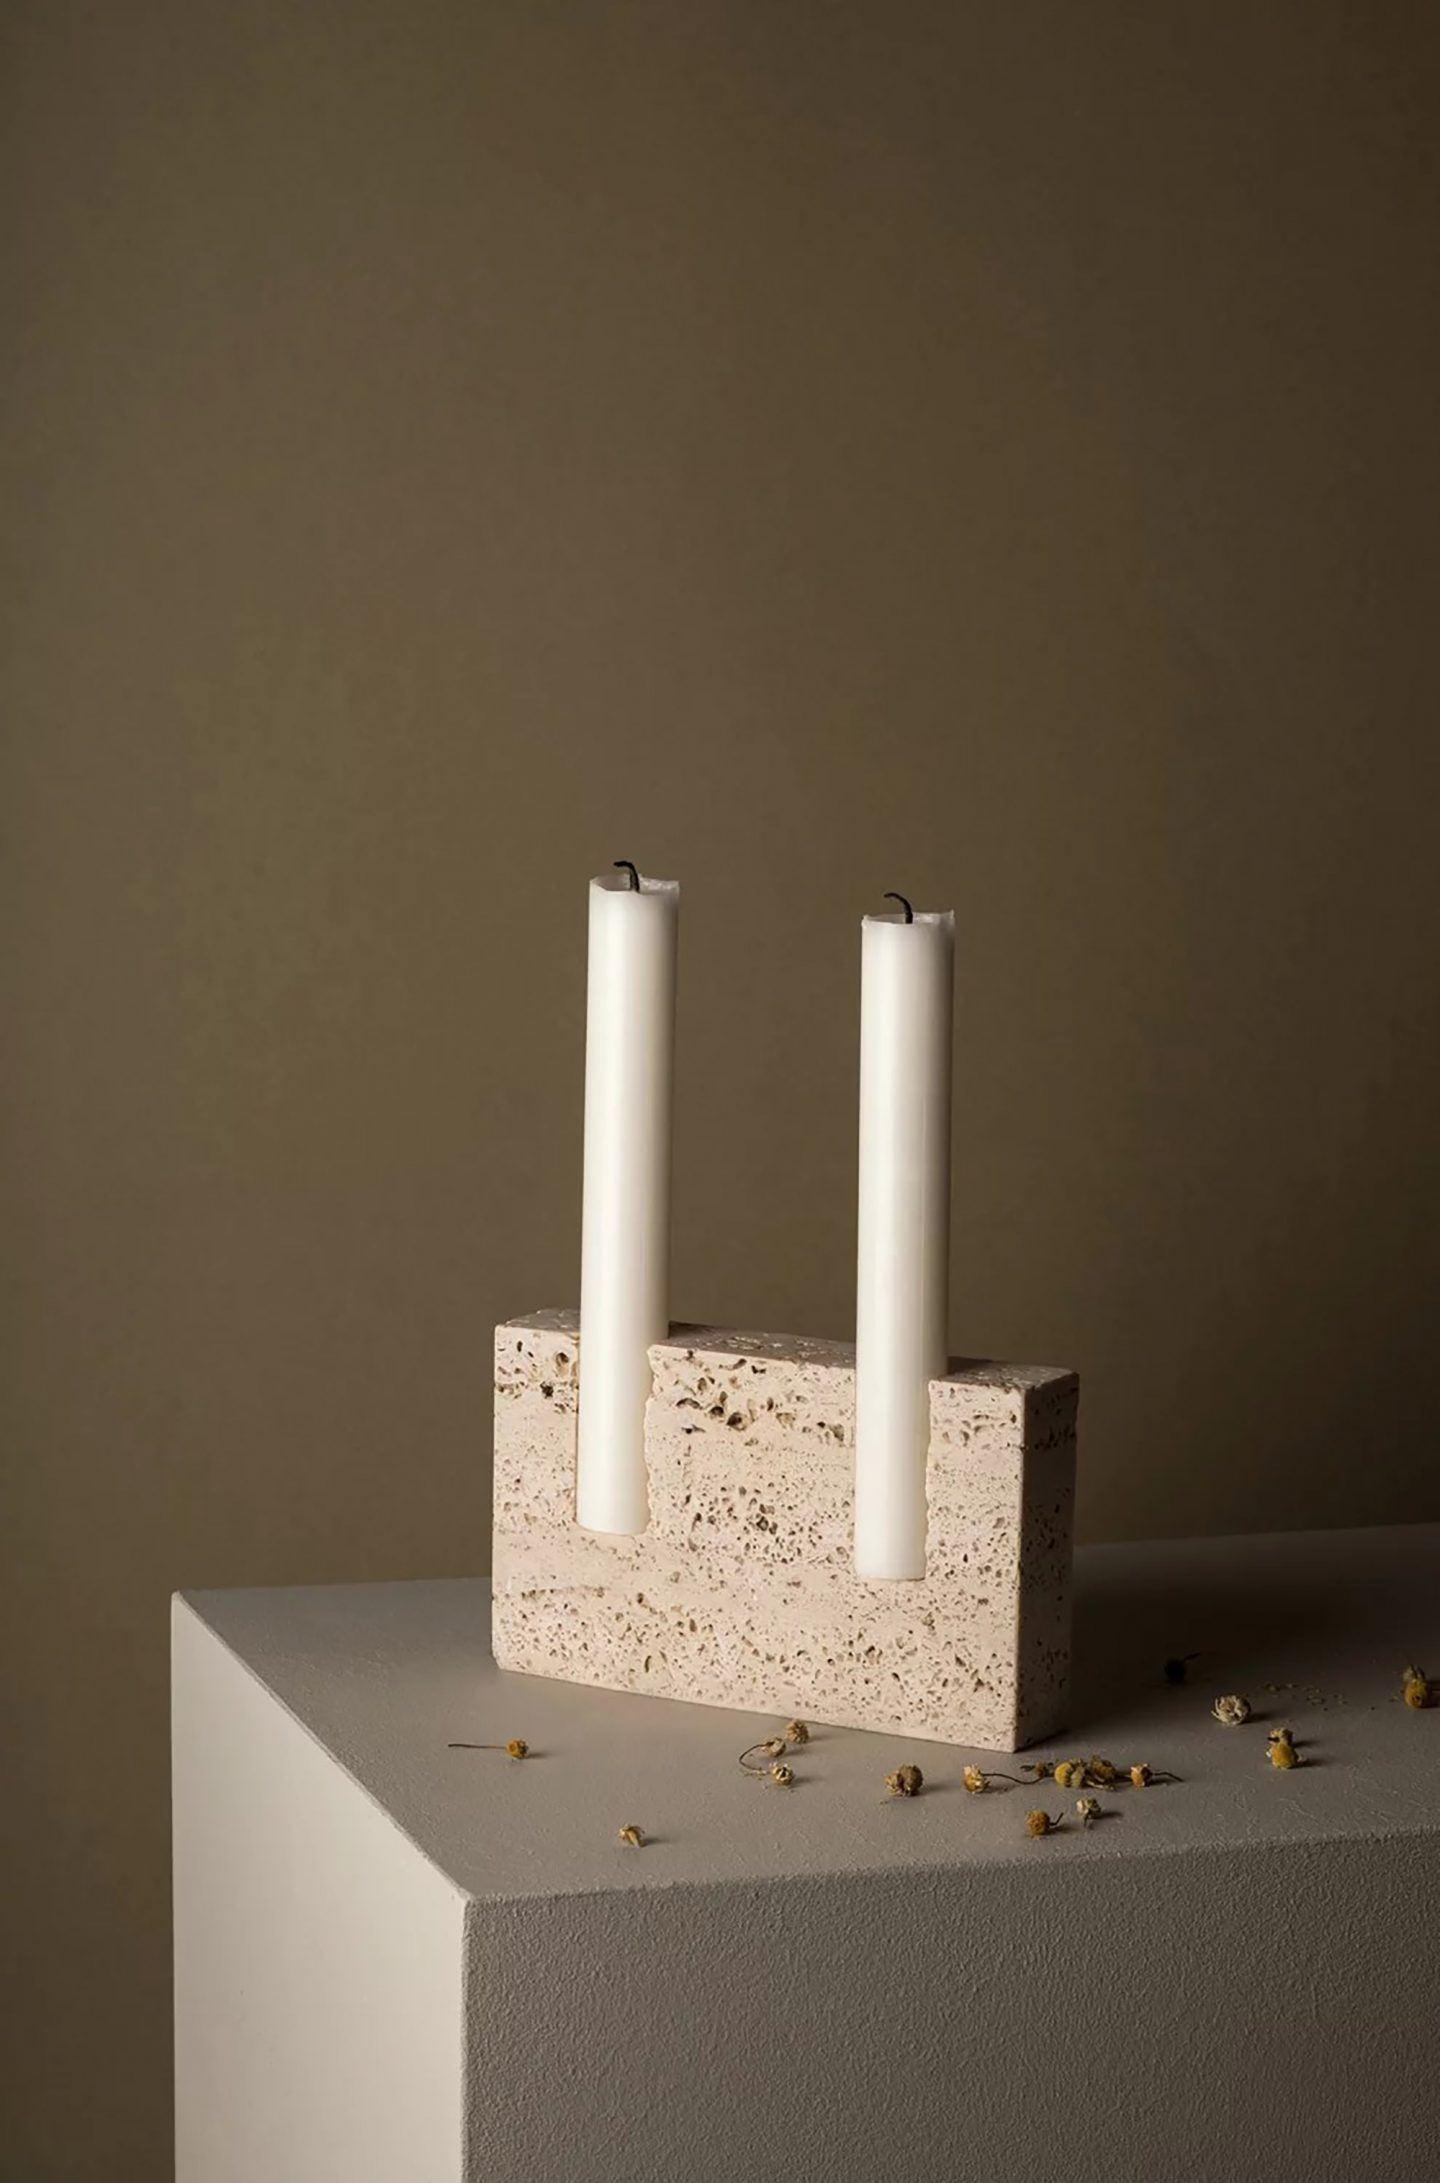 IGNANT-Design-Sanna-Volker-Snug-6